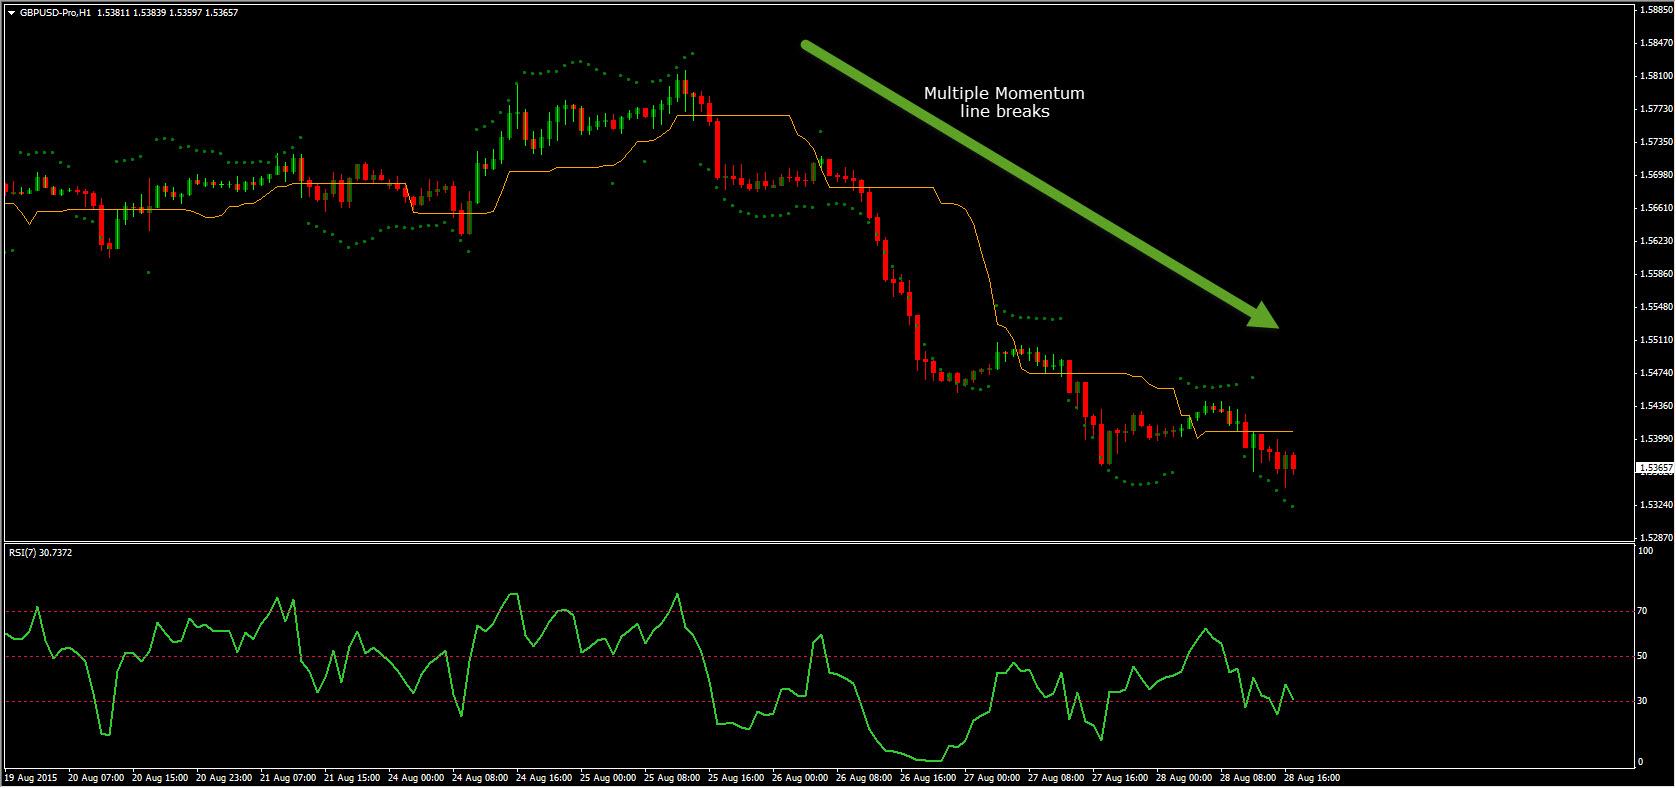 Daytraden momentum trading